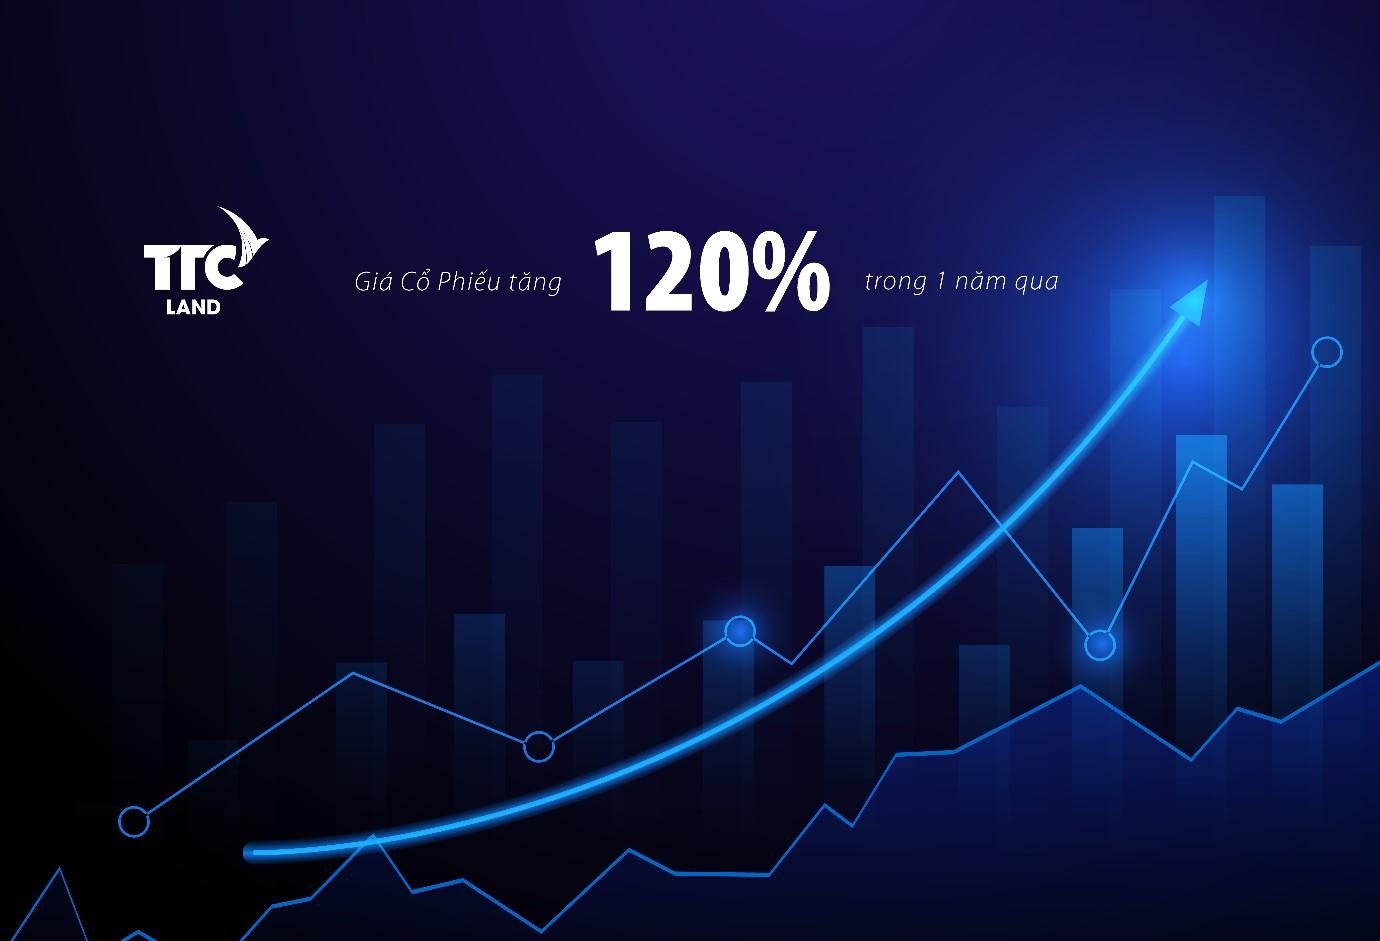 Giá cổ phiếu của TTC Land tăng tưởng mạnh sau quá trình tái cấu trúc